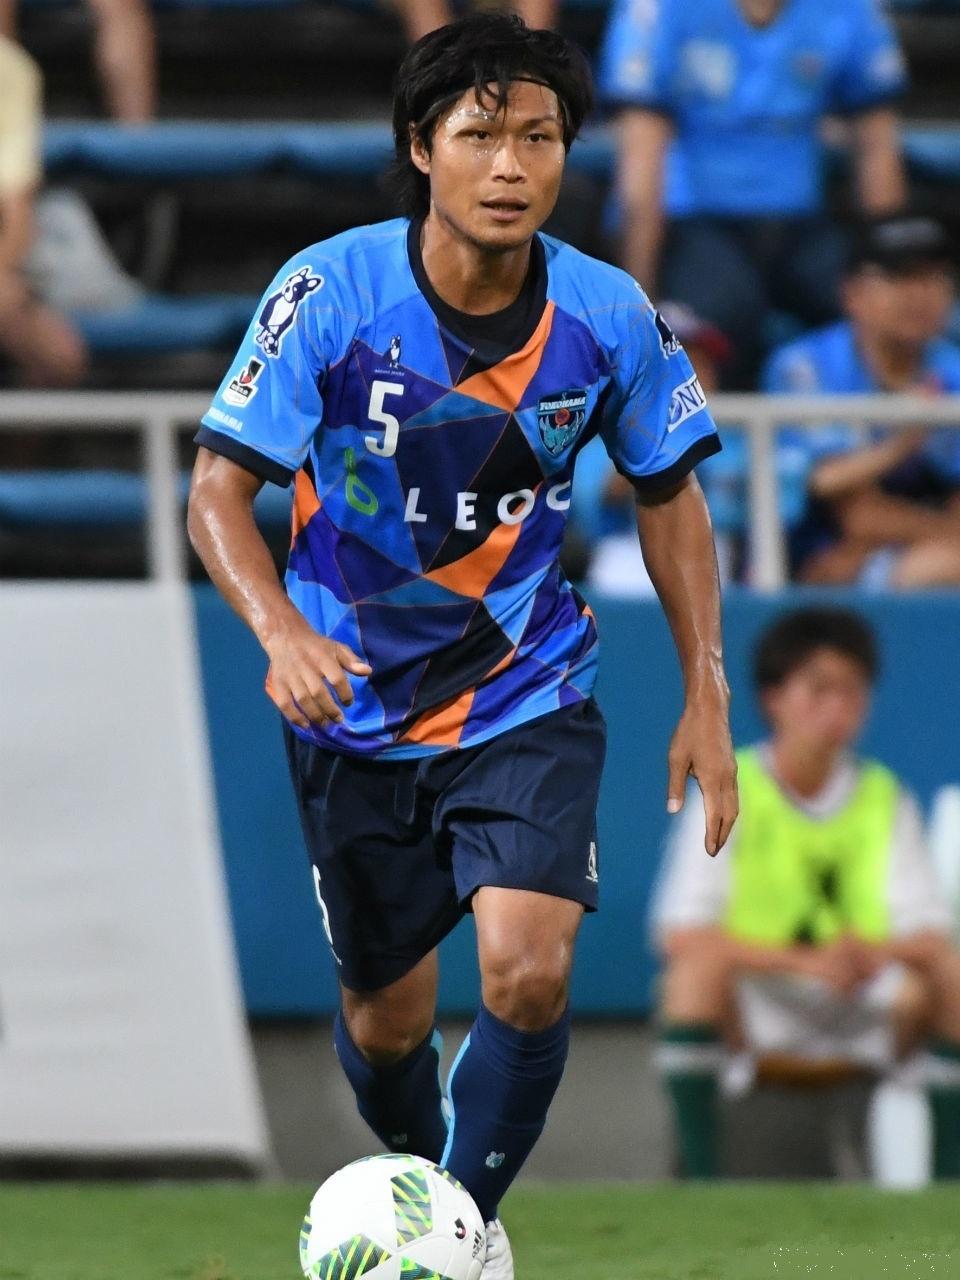 横浜FC-2016-Soccer-Junky-横浜市政令指定都市移行60周年記念.jpg